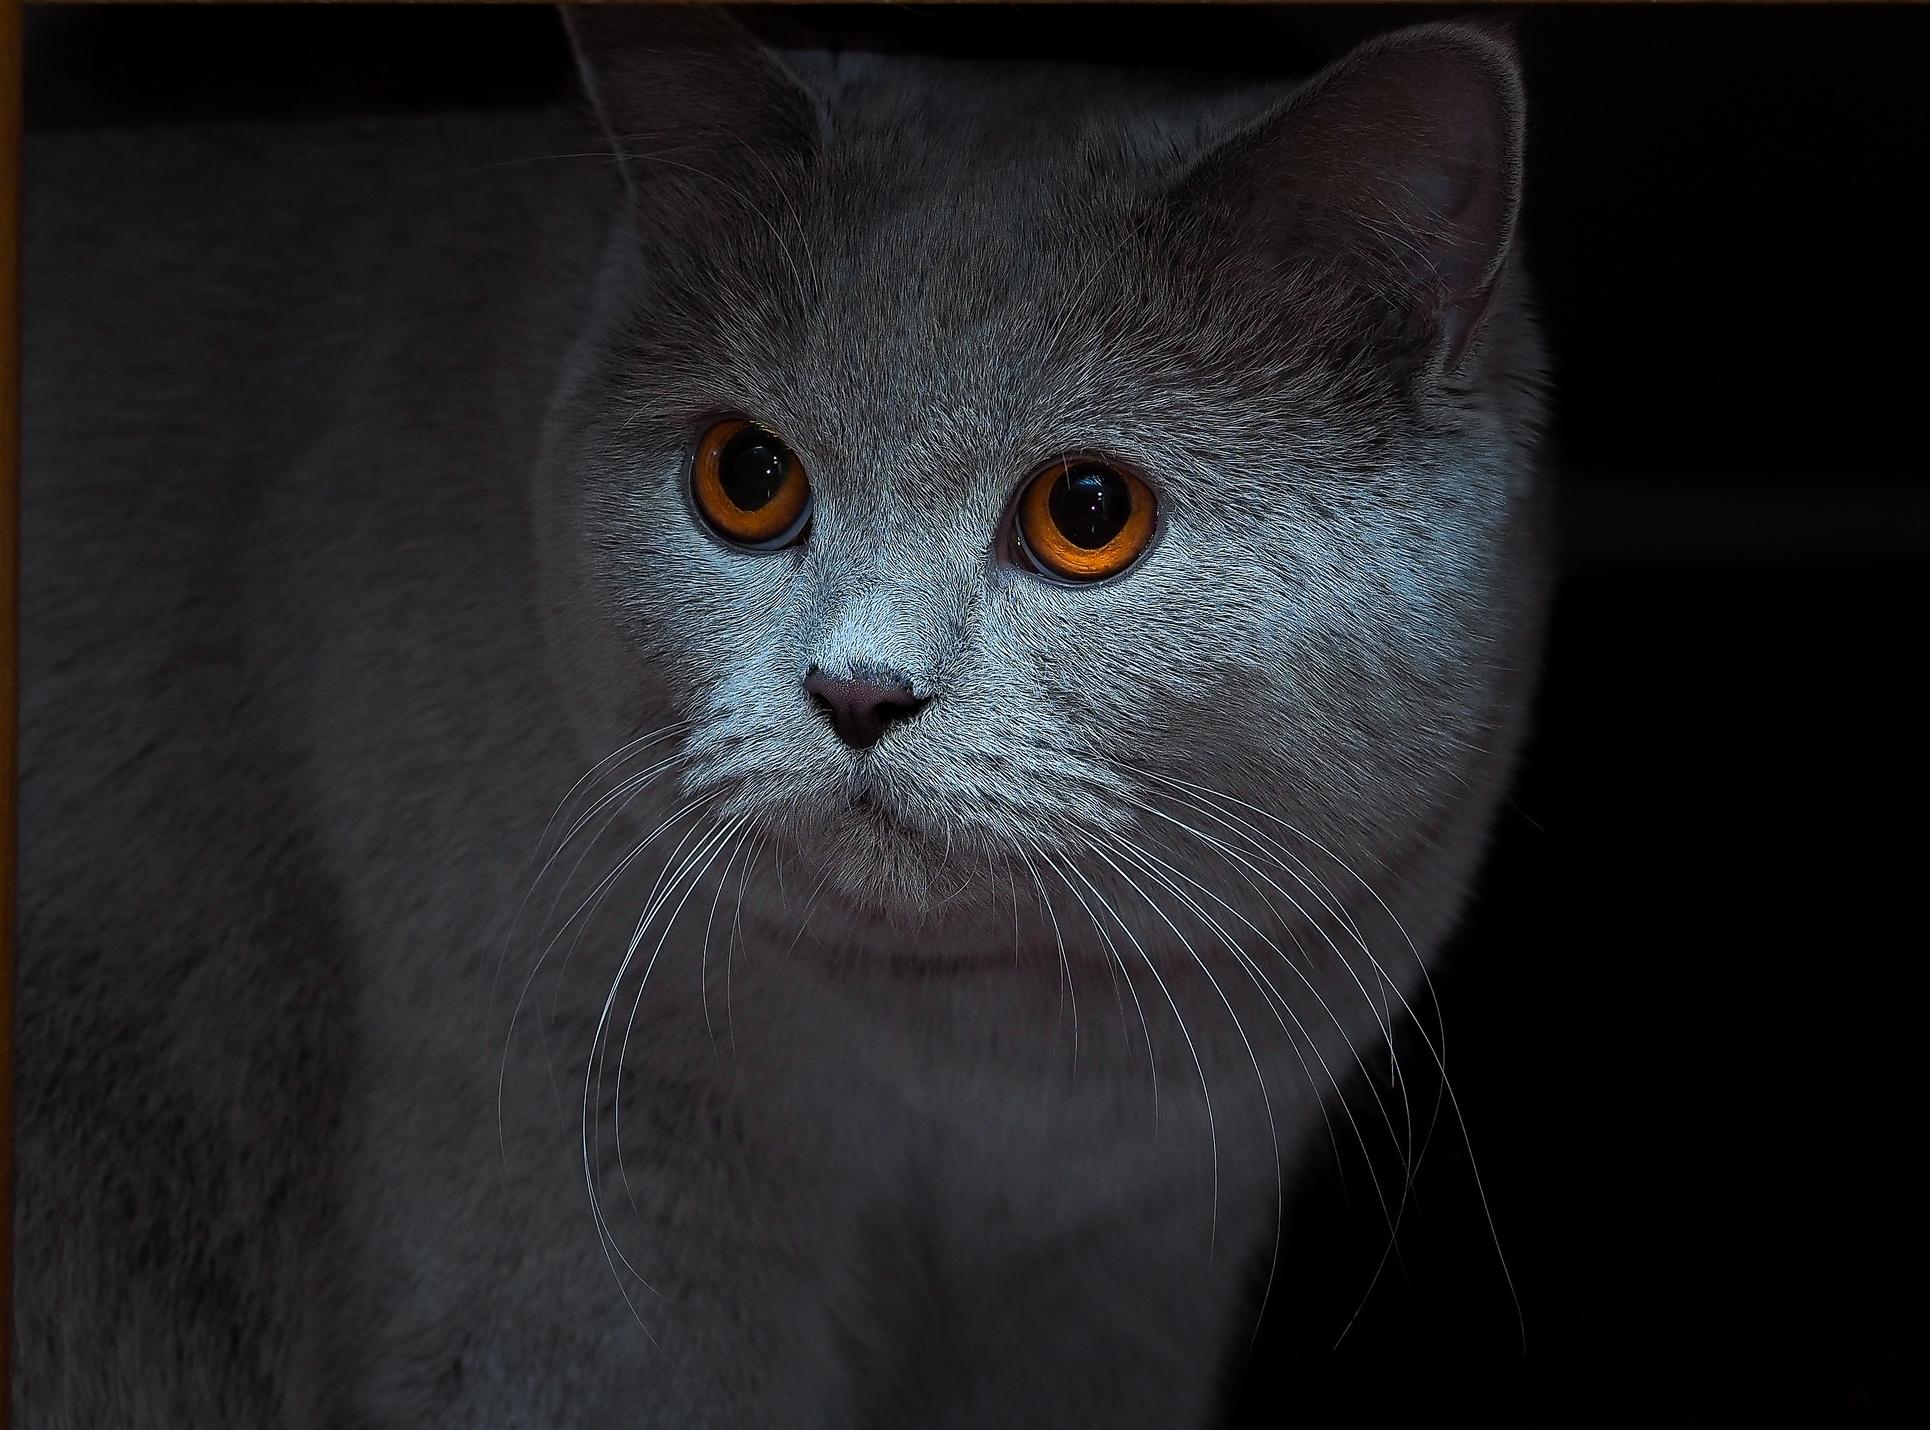 Скачать бесплатно картинки котят на телефон   лучшие заставки (13)